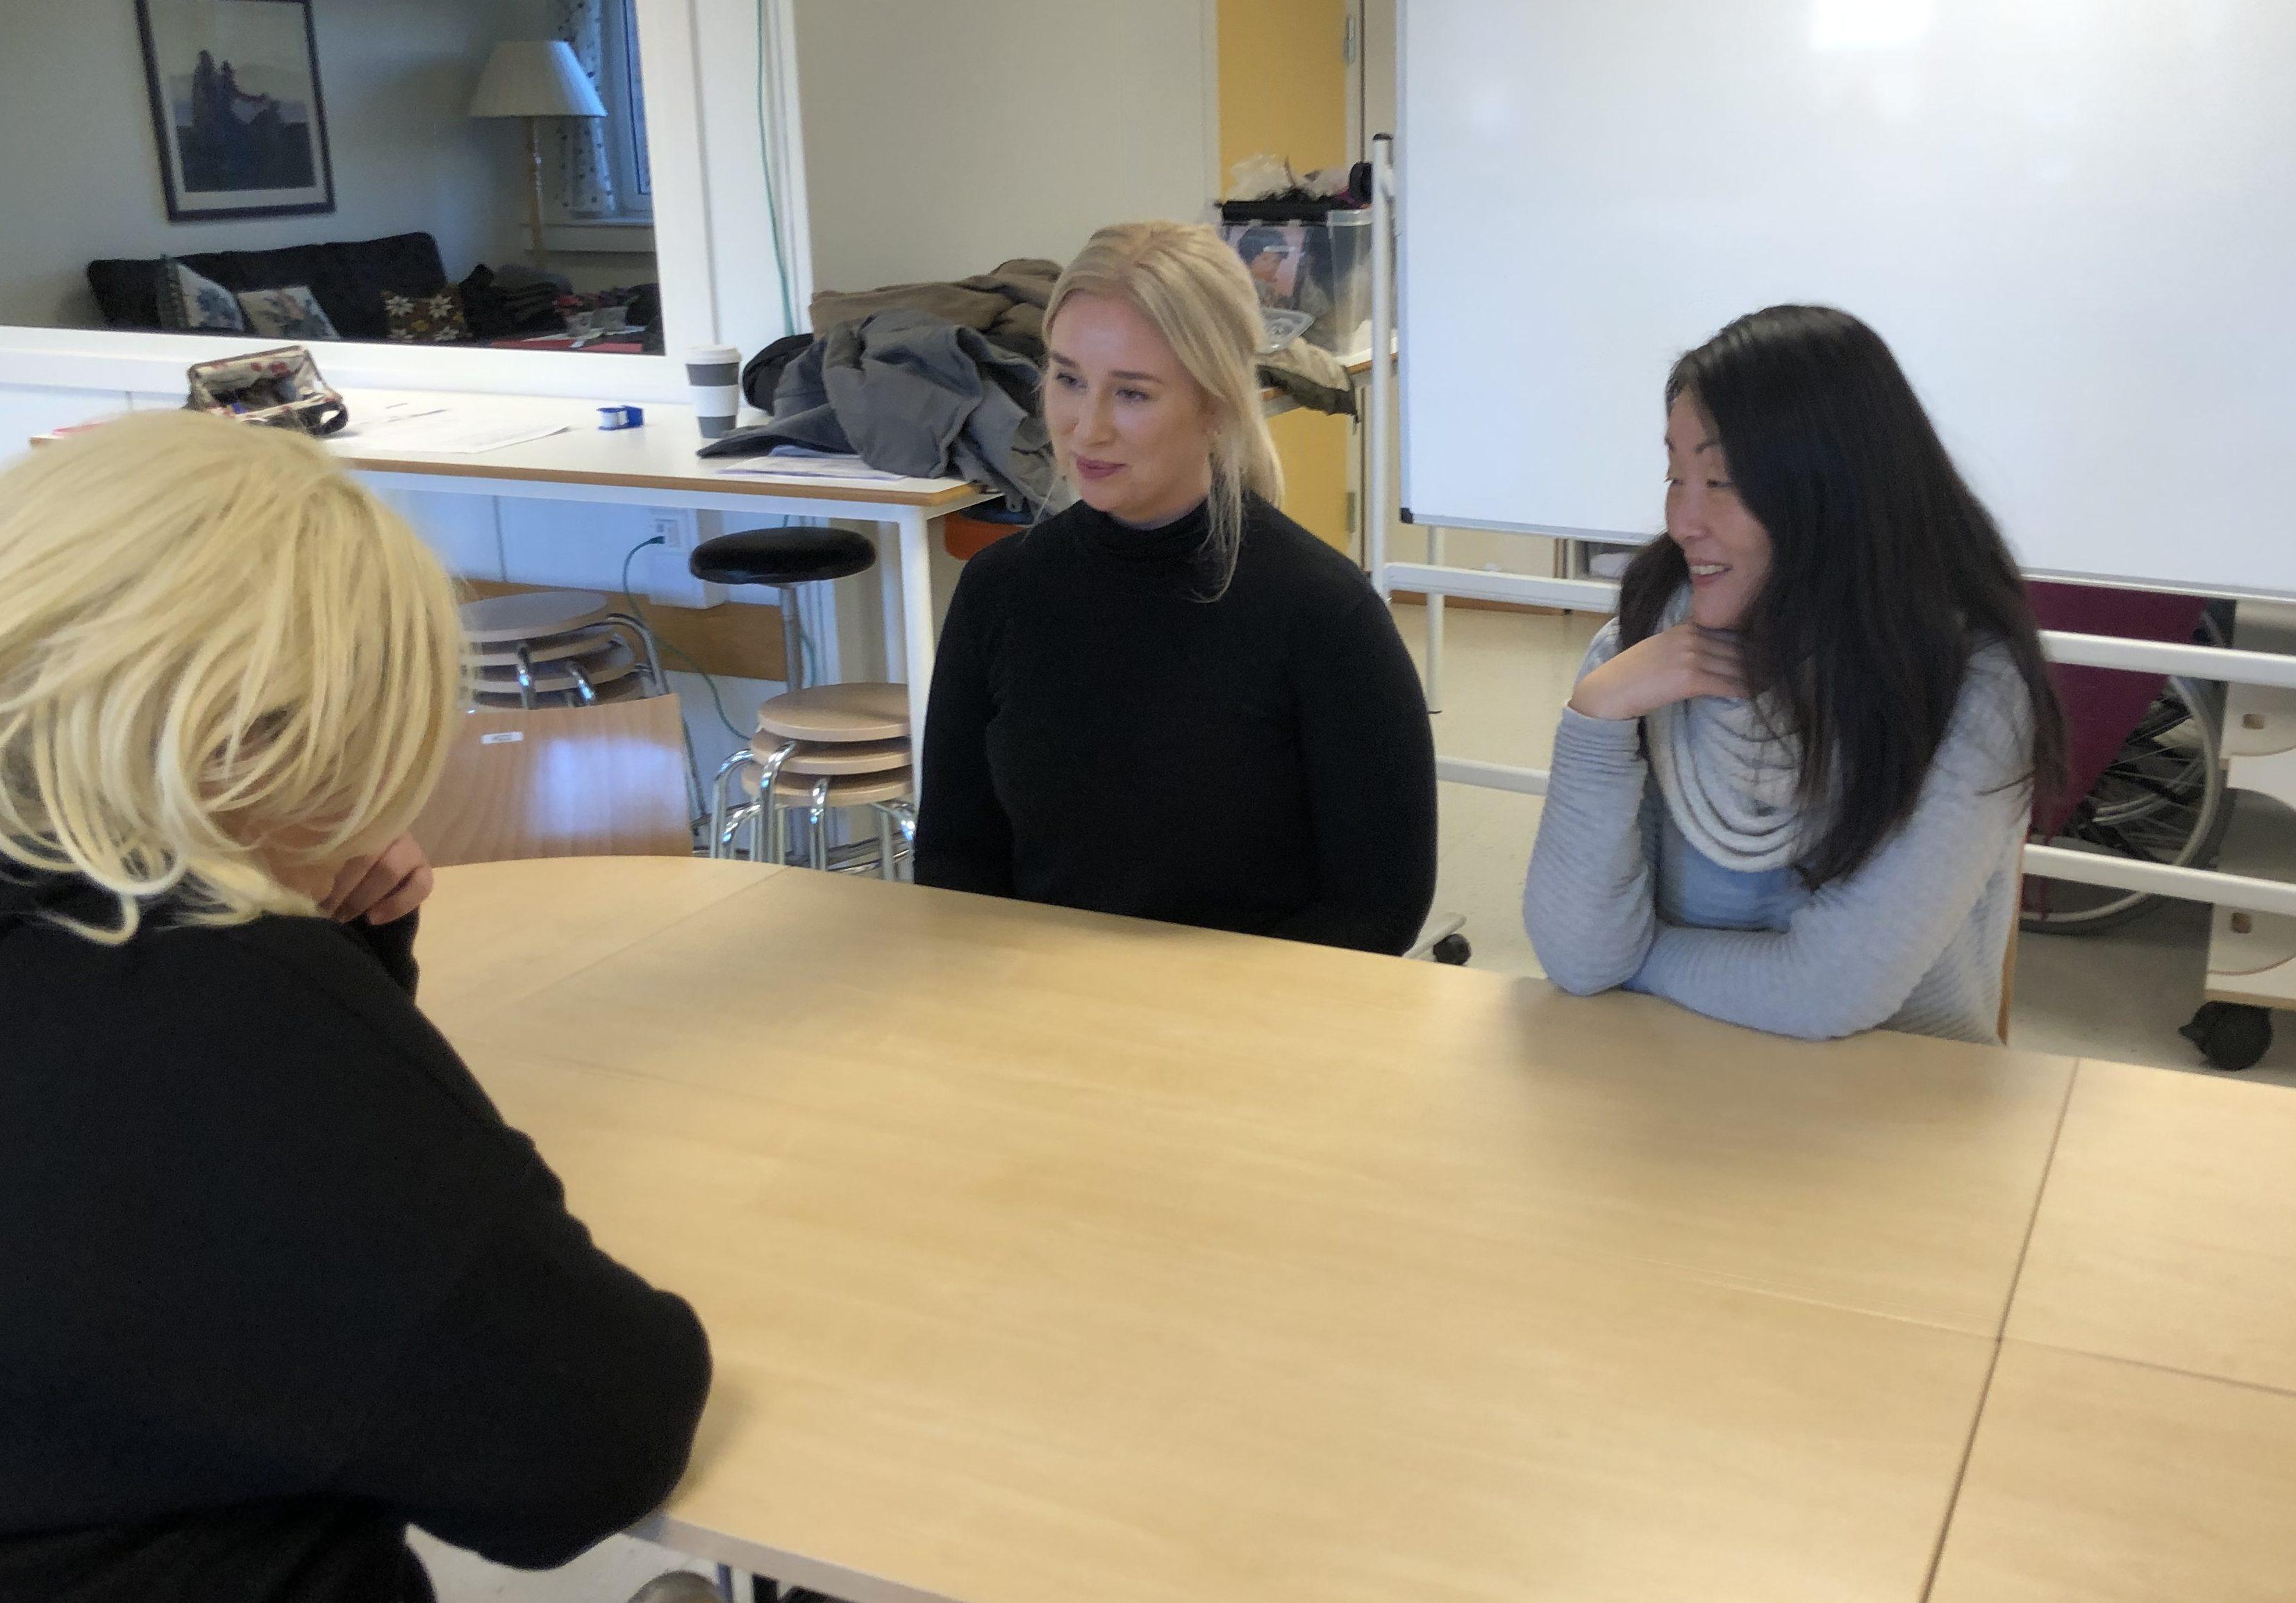 ØVELSE GJØR MESTER: Tina Karlsen (i midten) og Andrea Elisabeth Johansen (til høyre) er blant veilederne ved NAV Fredrikstad som øver seg på samtaleteknikk.